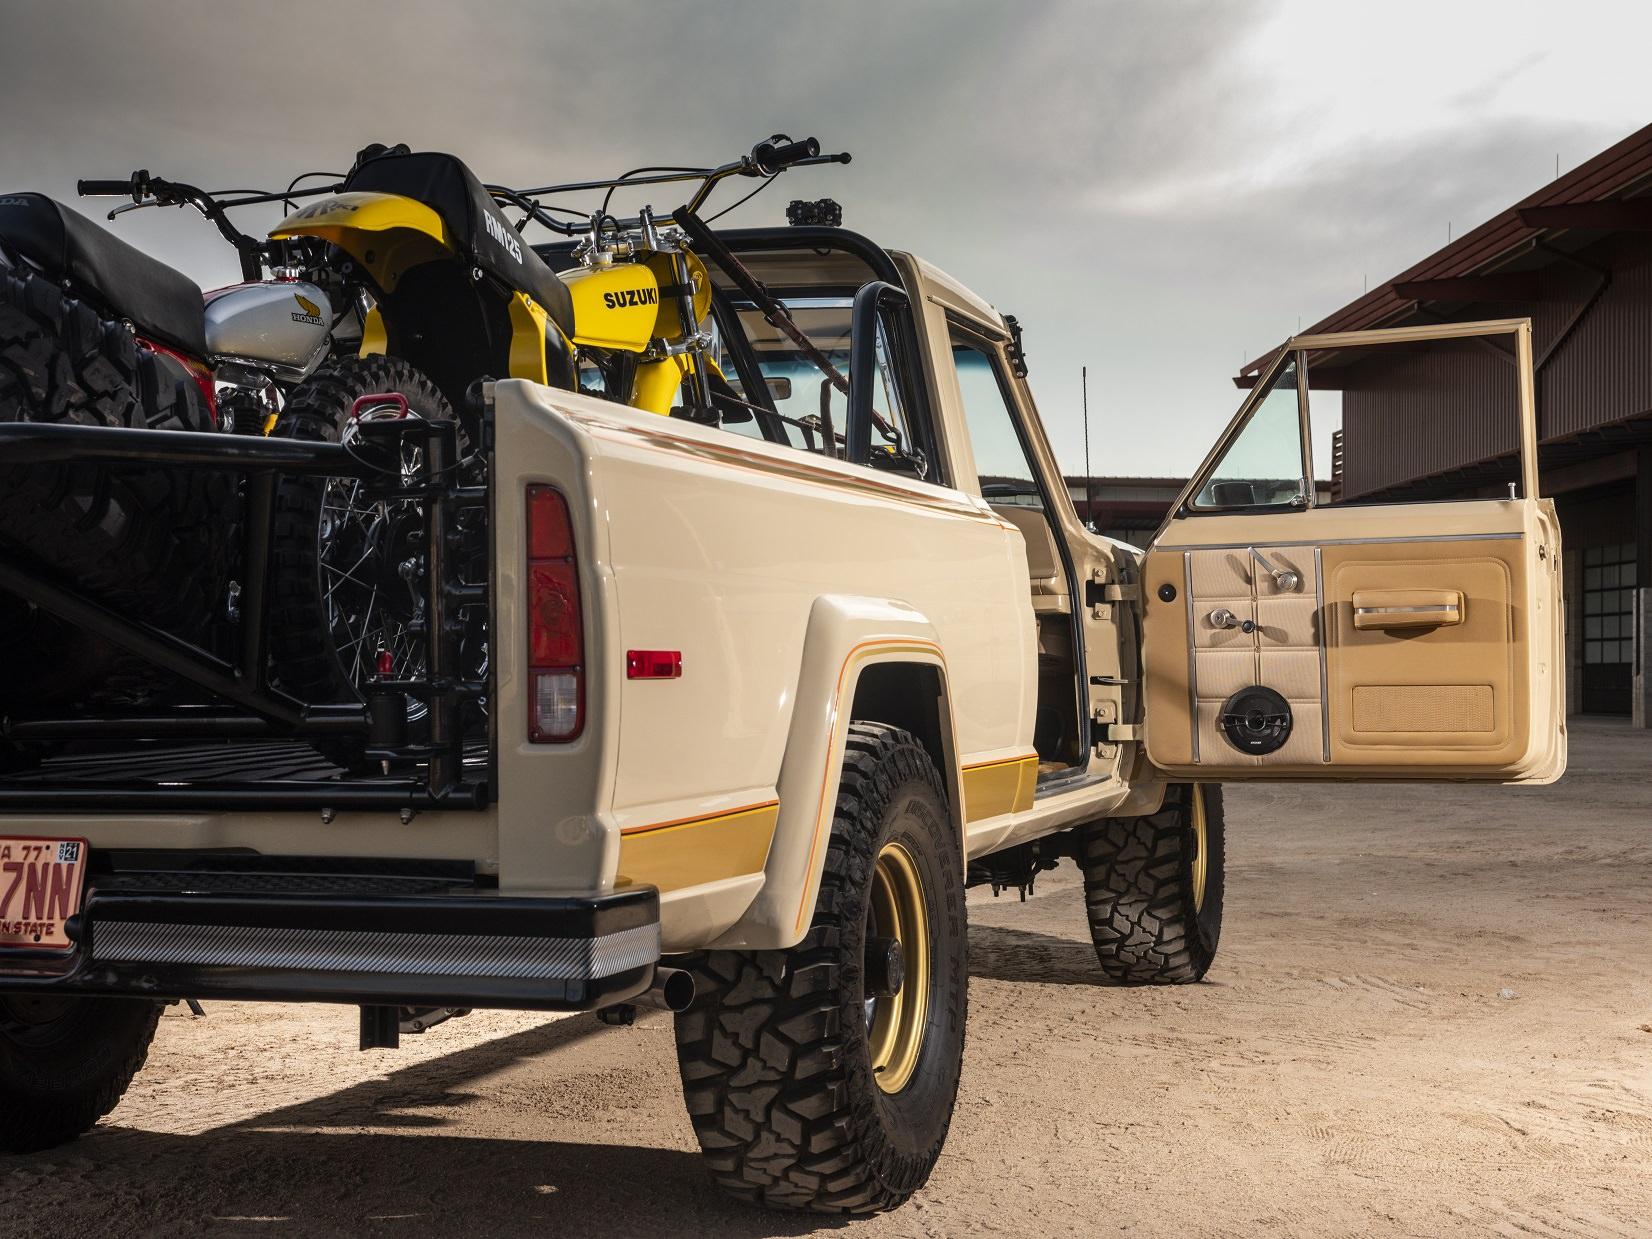 Jeep J10 Golden Eagle Pickup Back 1